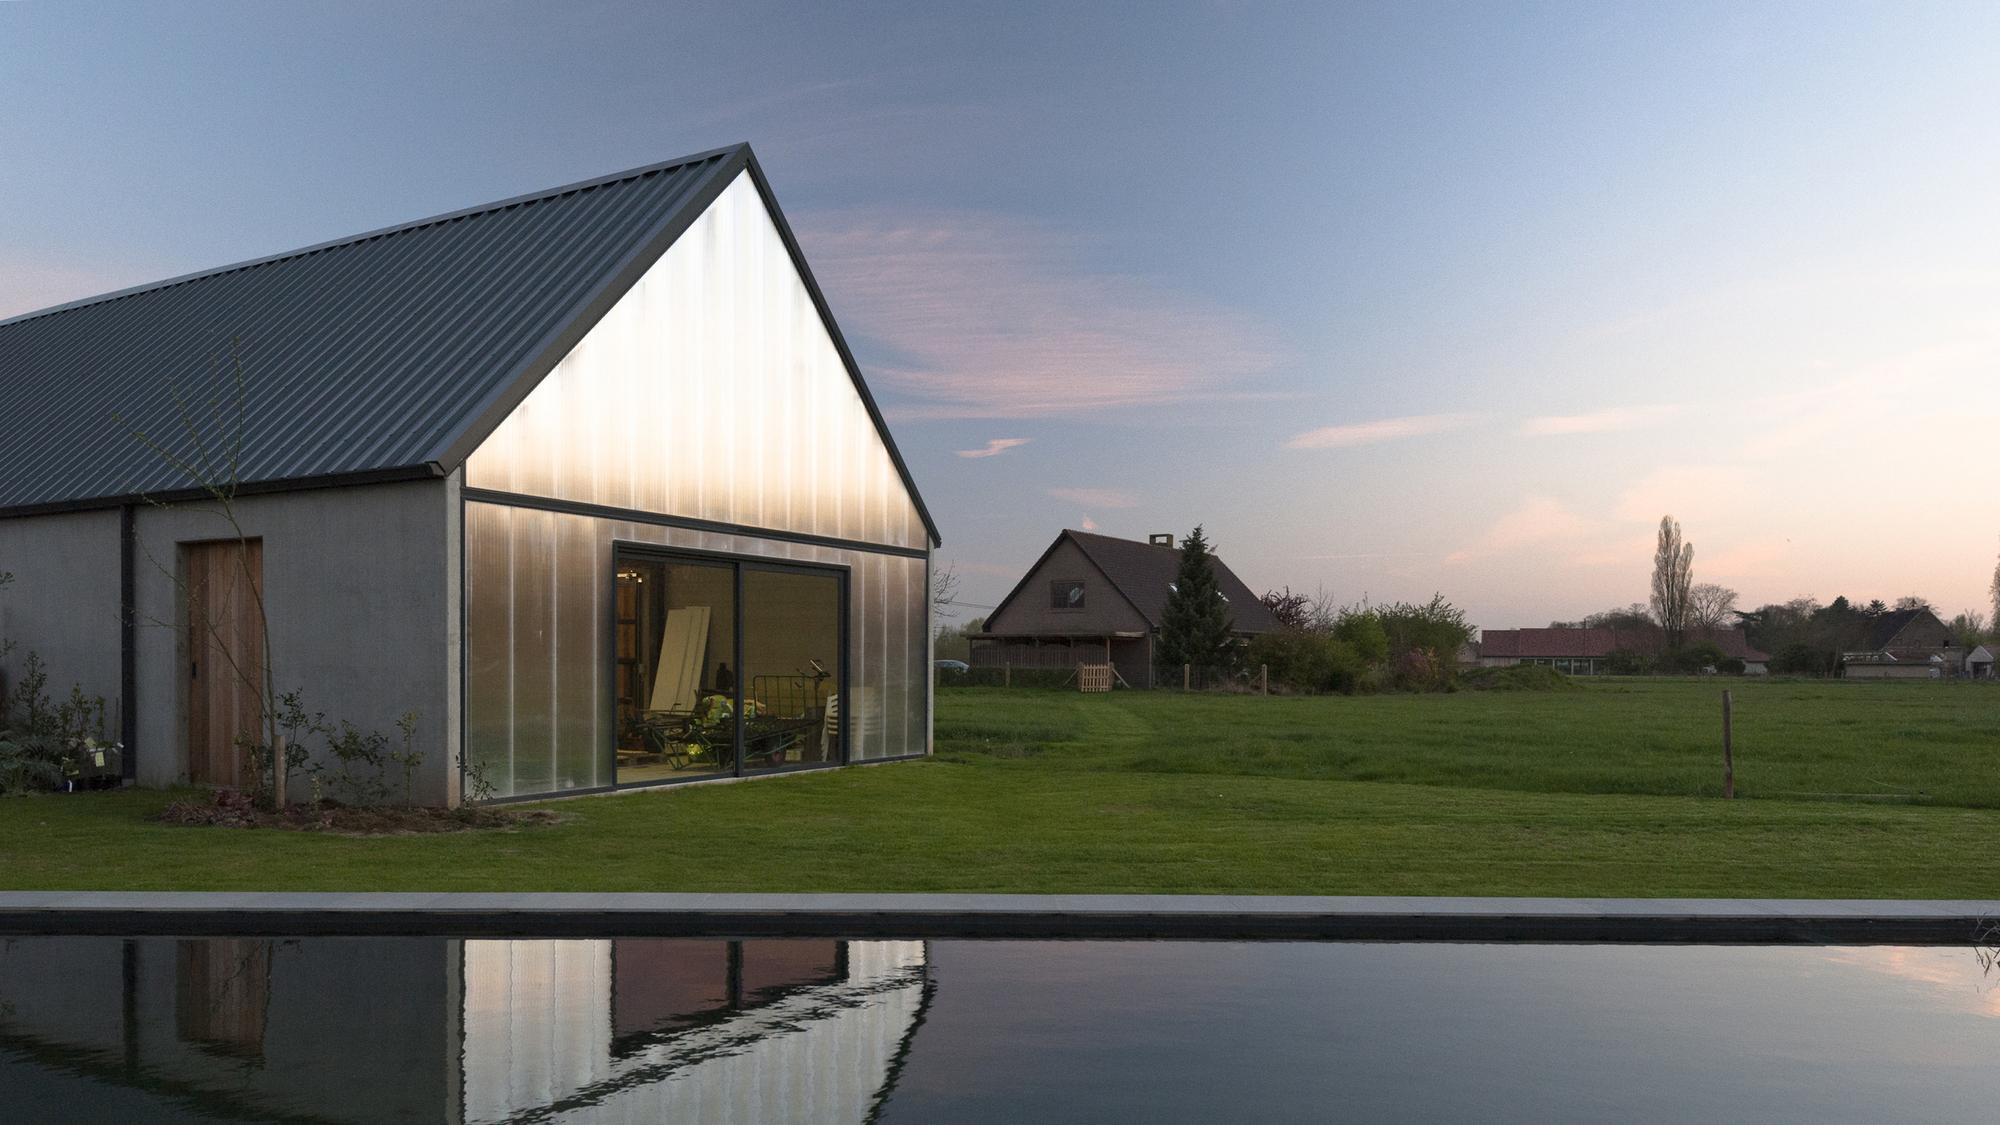 Gallery of contemporary barn p l o e g architecten 1 - The contemporary barn ...